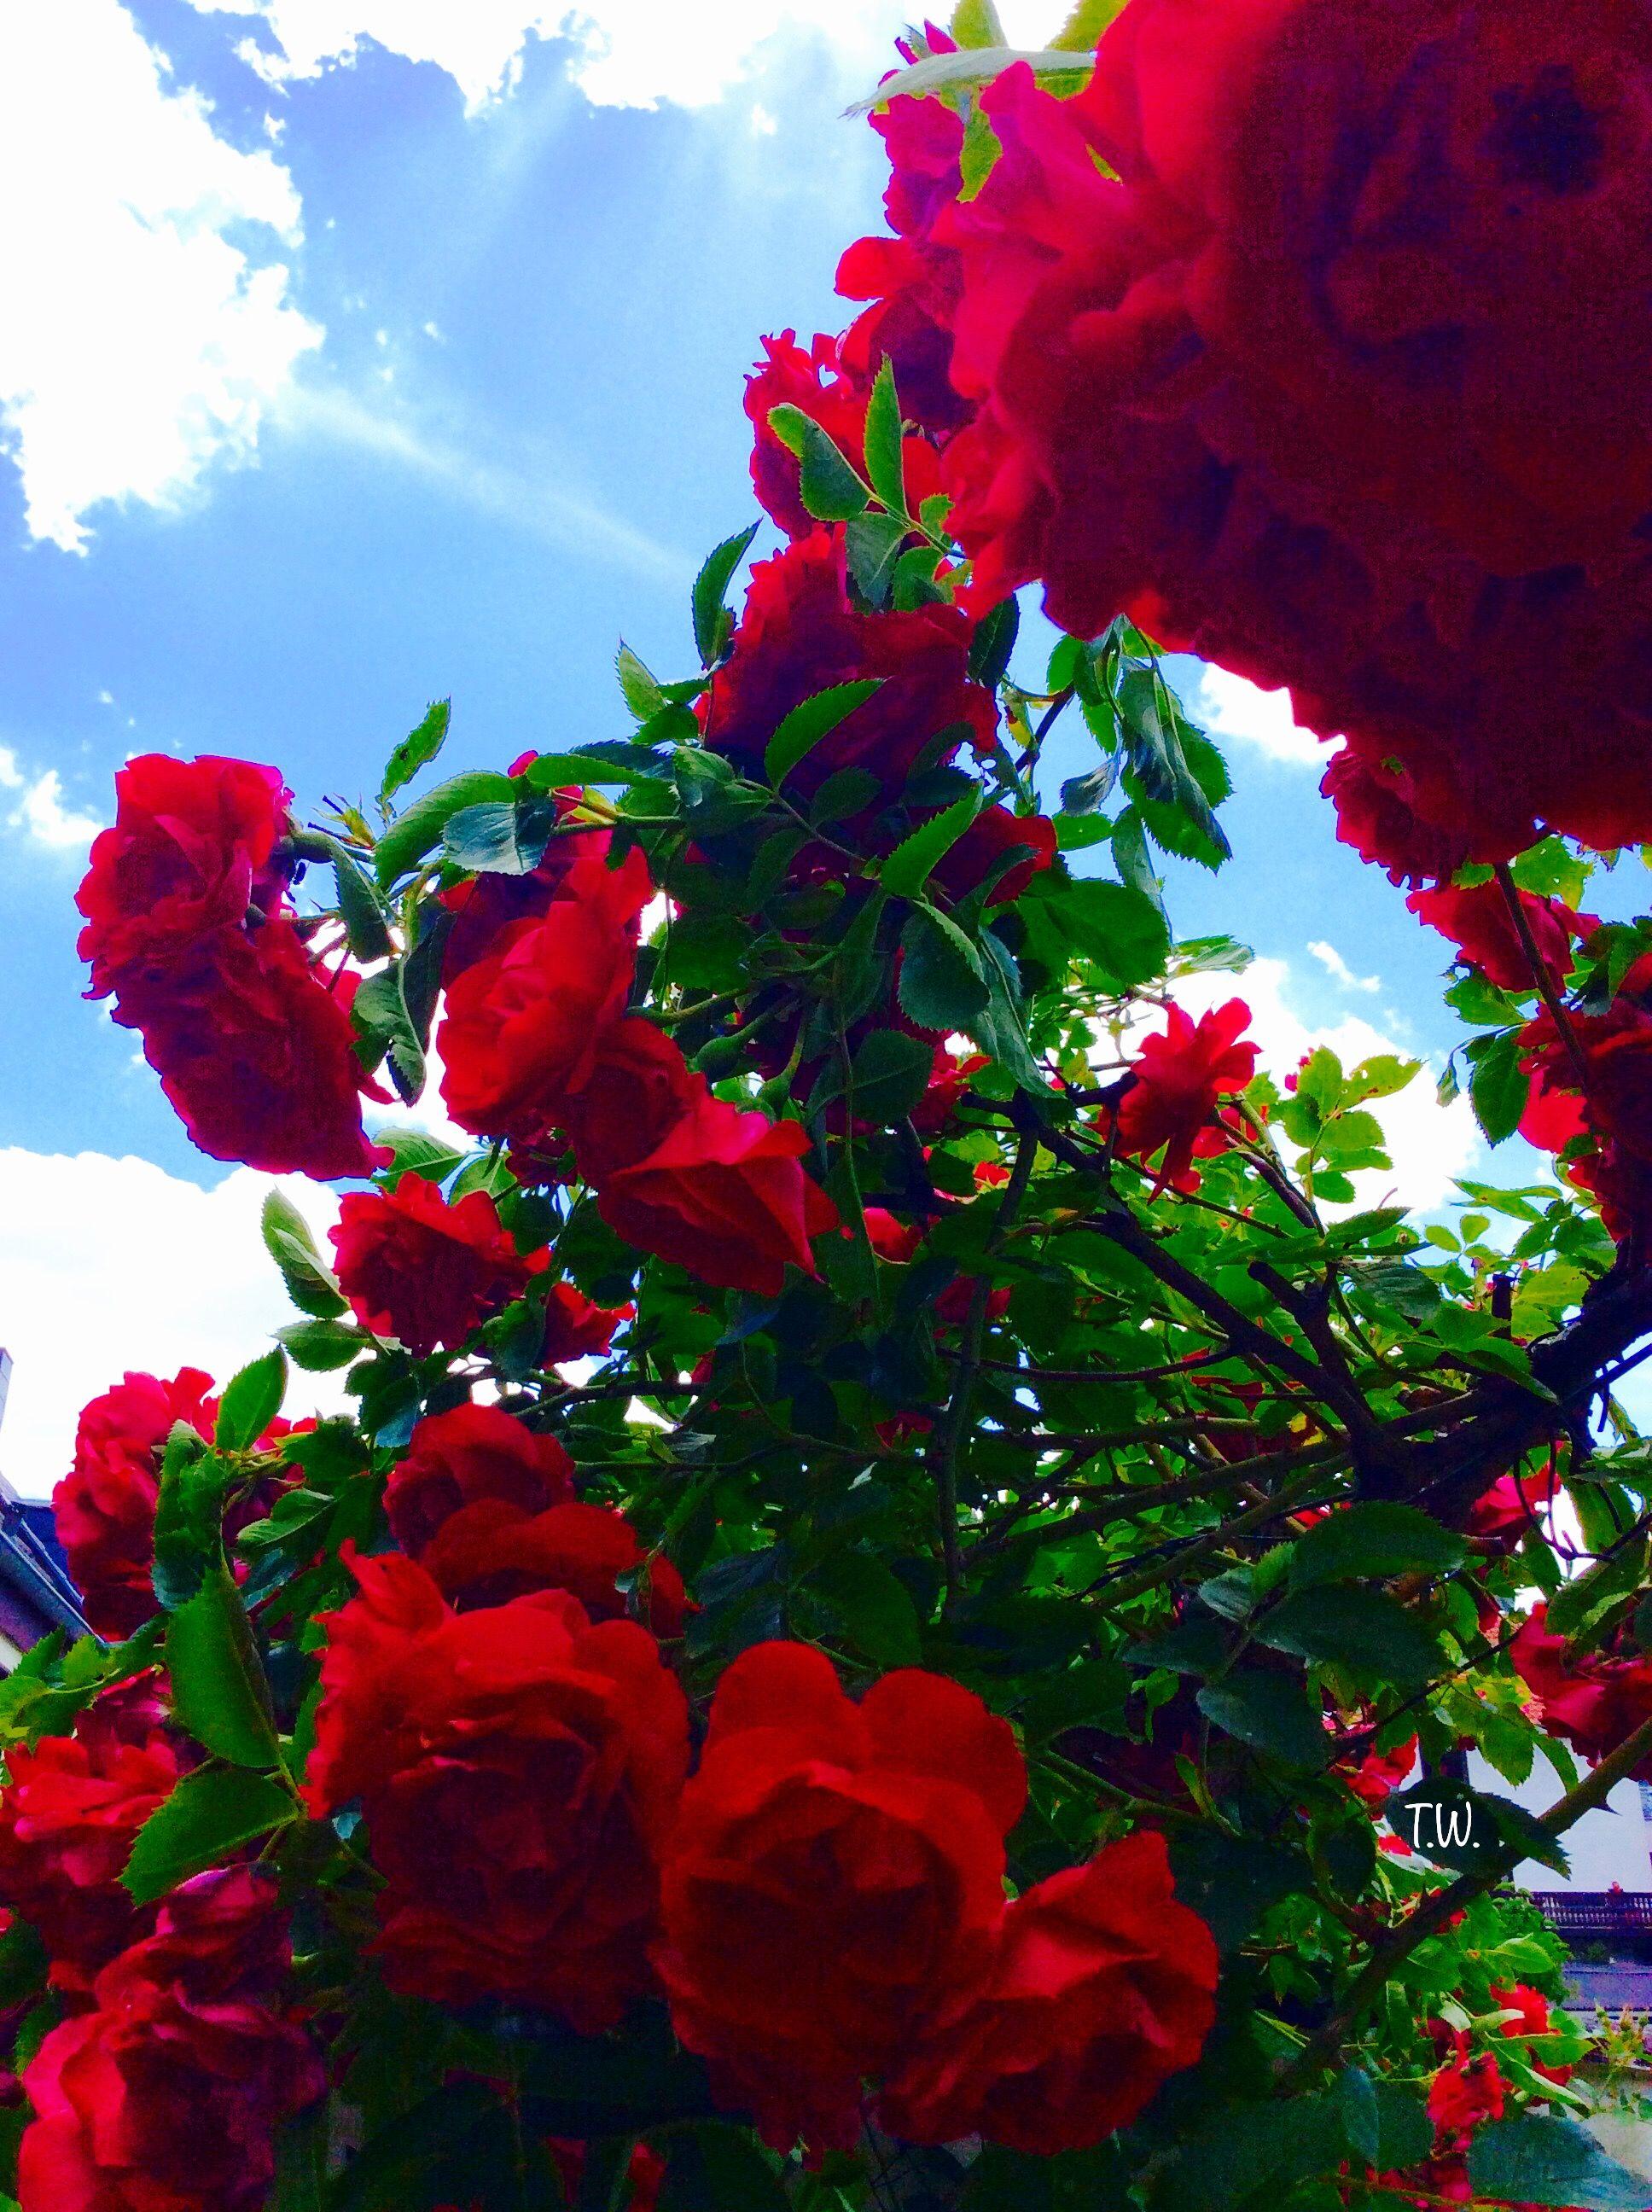 Aesthetic Rose Wallpaper Hd